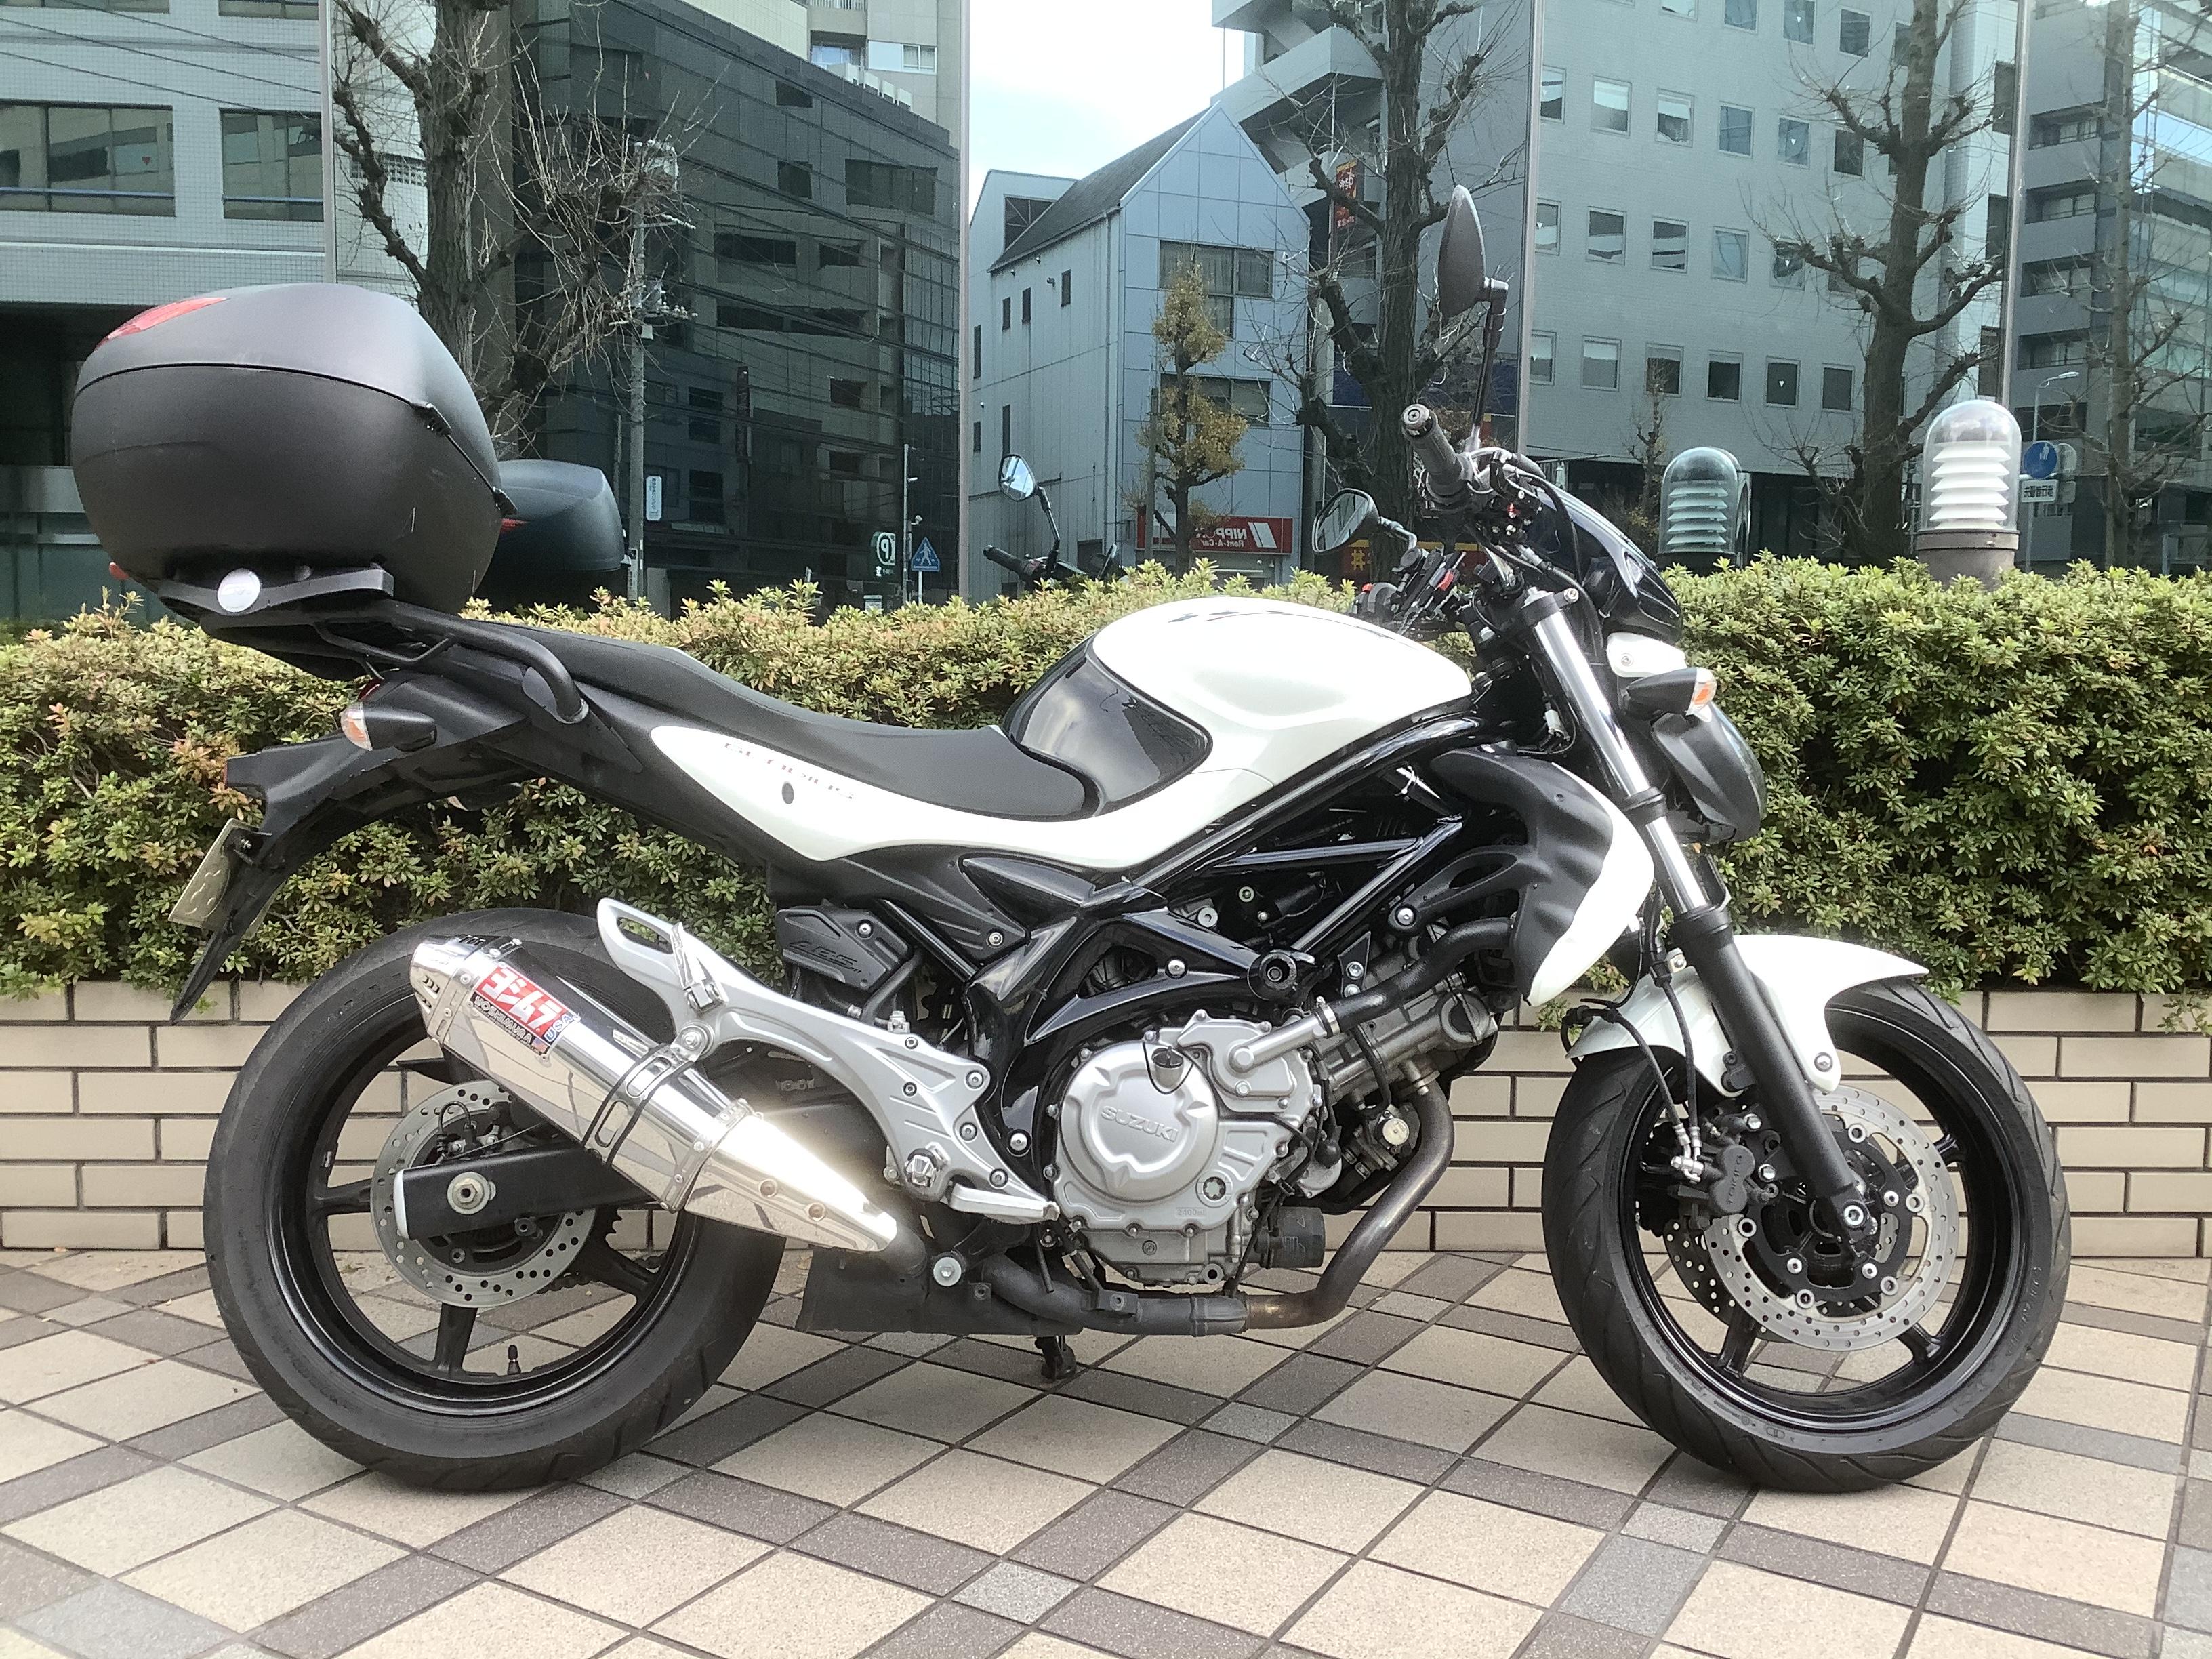 グラディウス400ABS(HN-00) - 【公式】レンタルバイクのベストBike® 大宮駅前